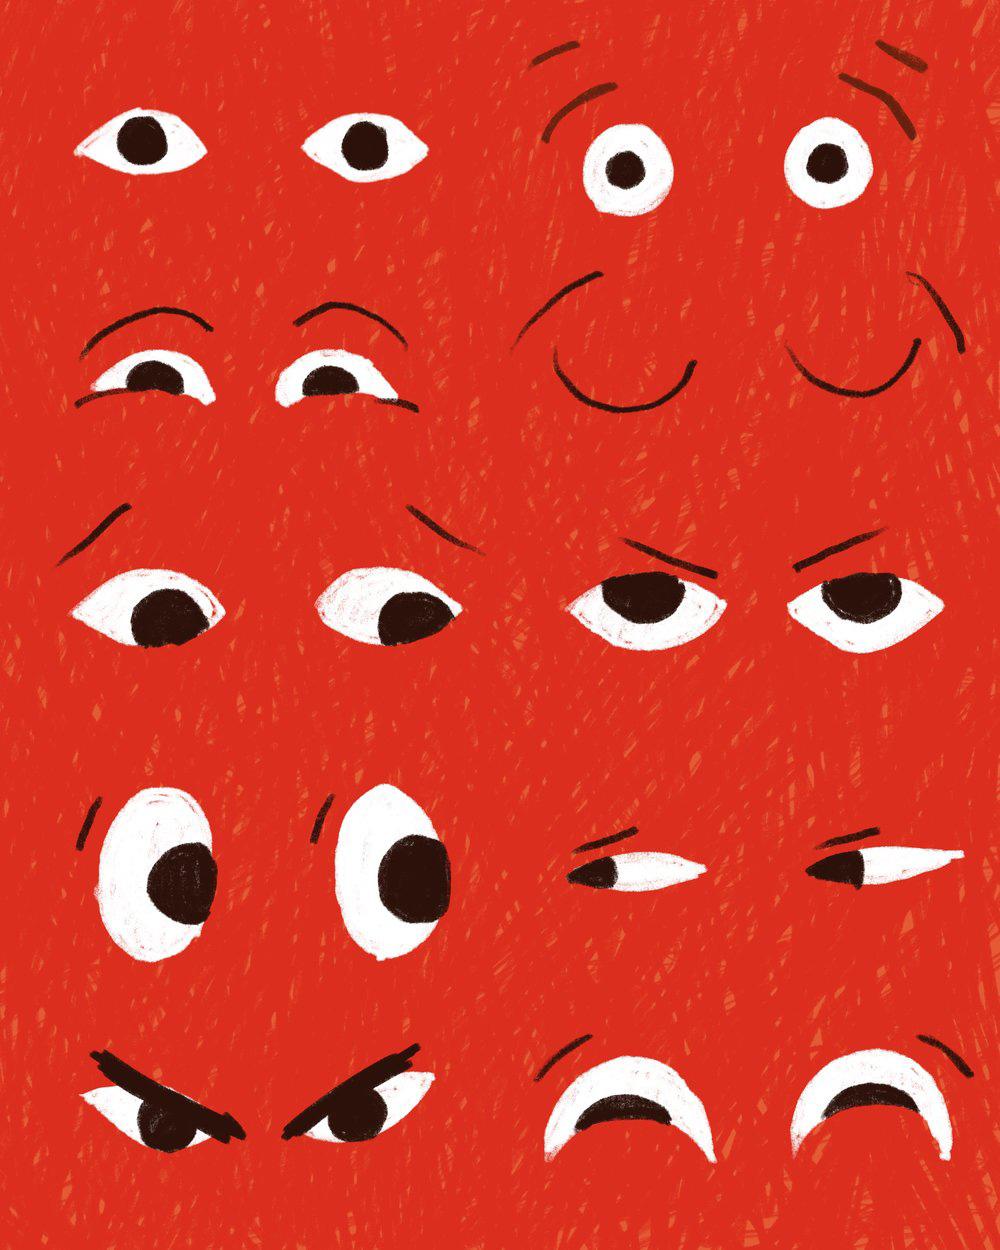 Squirrel_Eyes.jpg